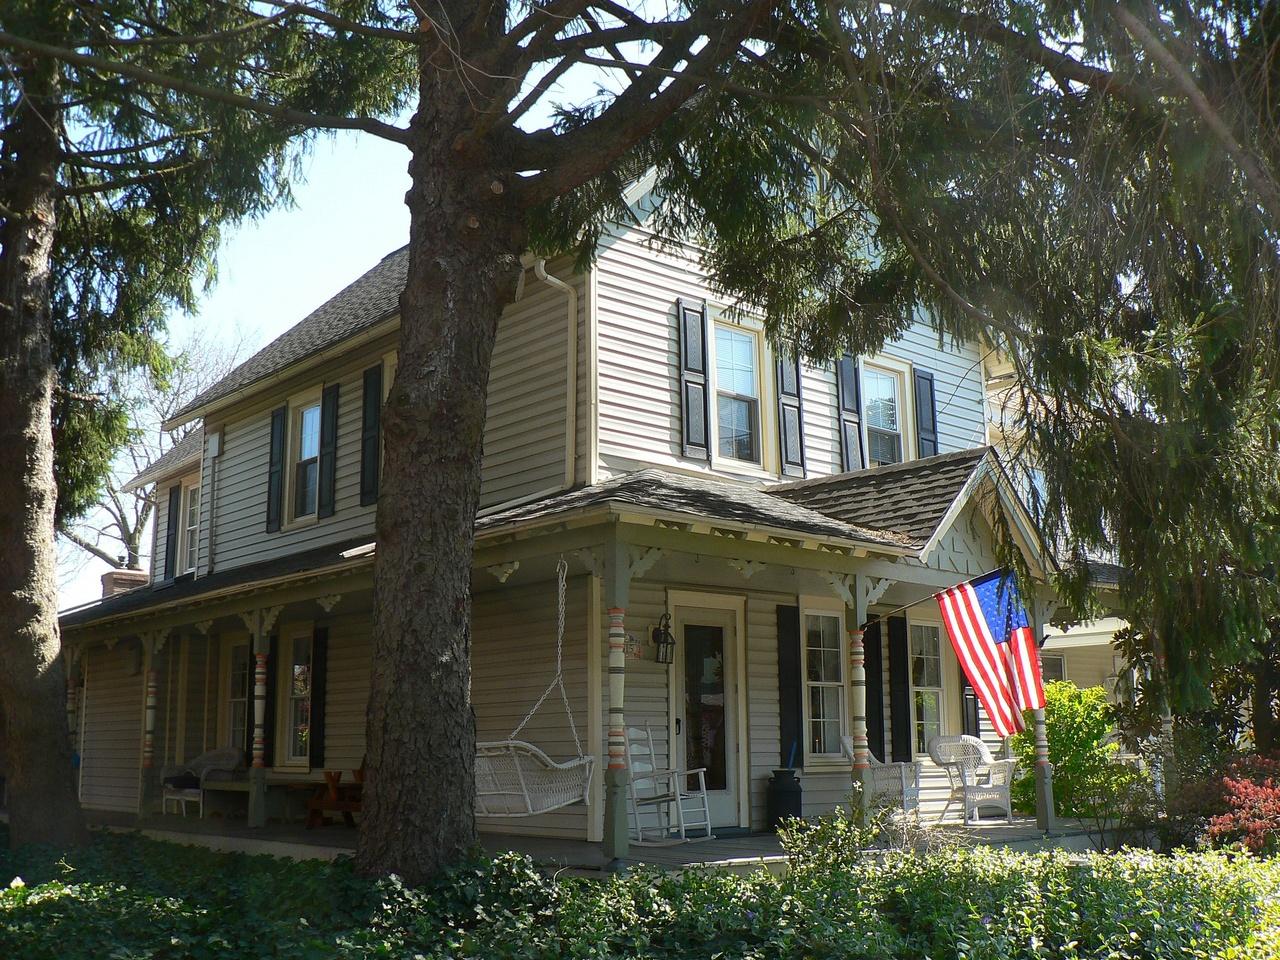 Maison américaine avec drapeau